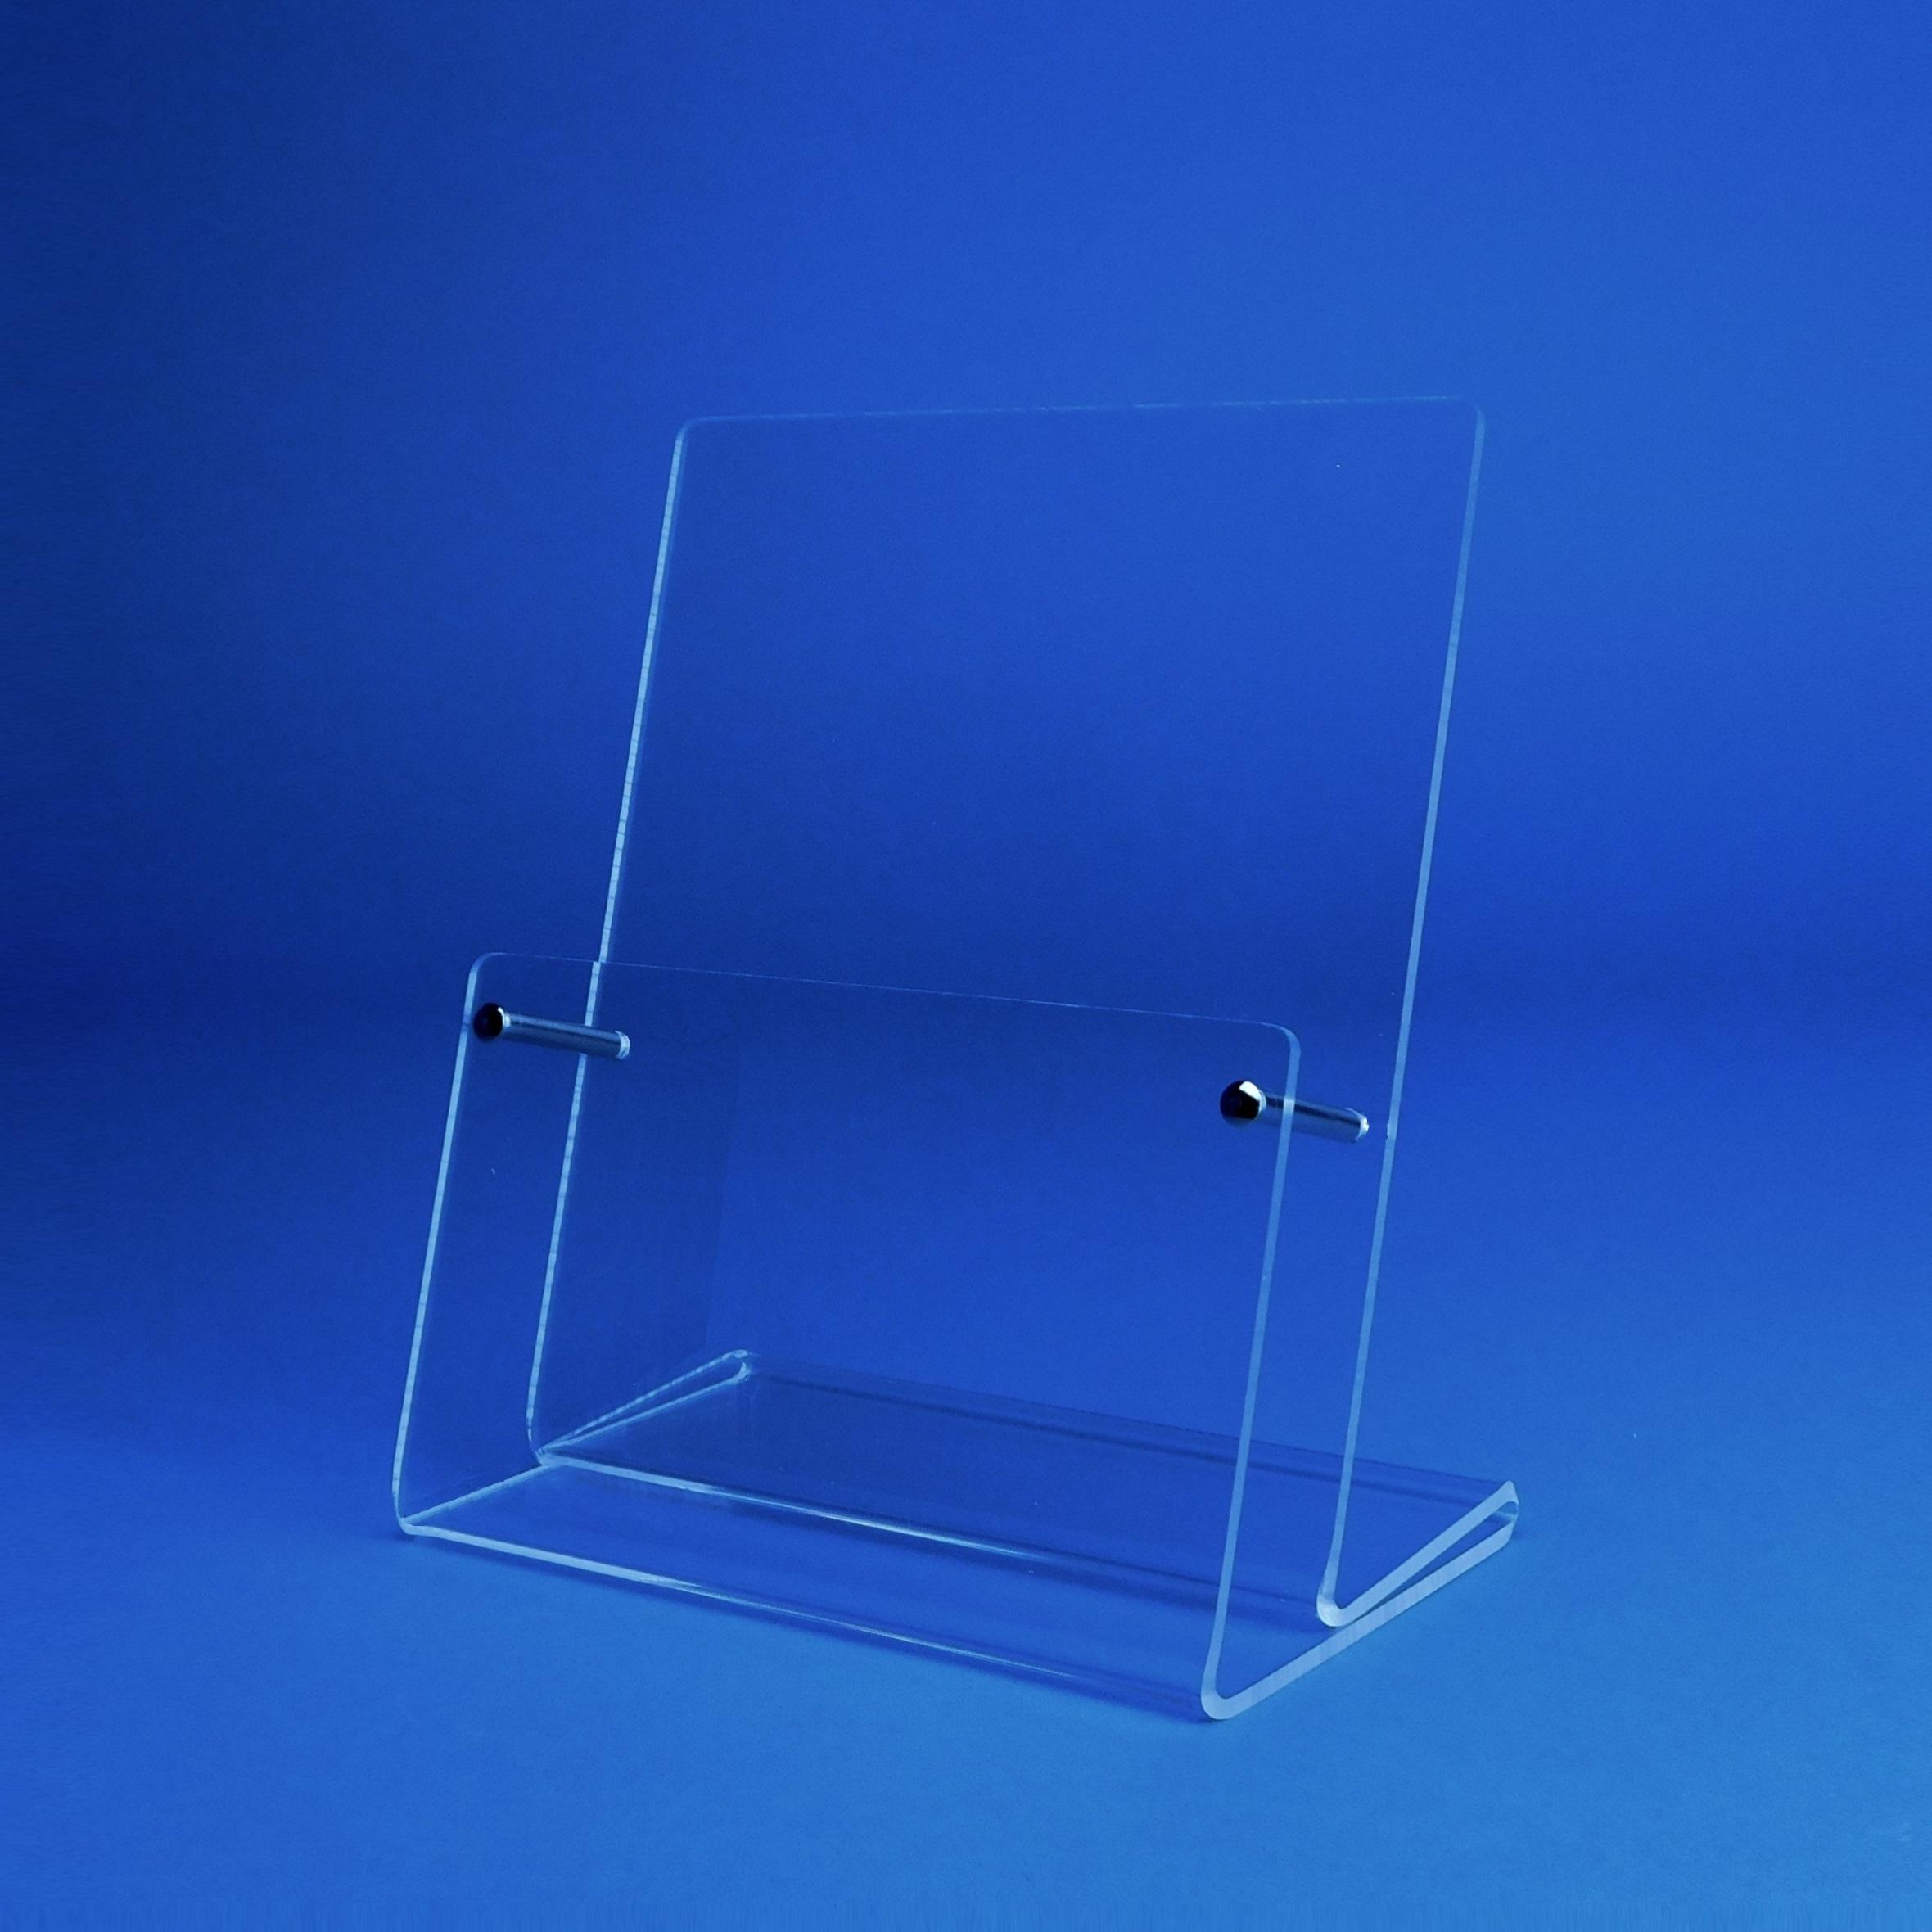 Tischprospektständer Für Visitenkarten Im Hochformat Fülltiefe 23mm